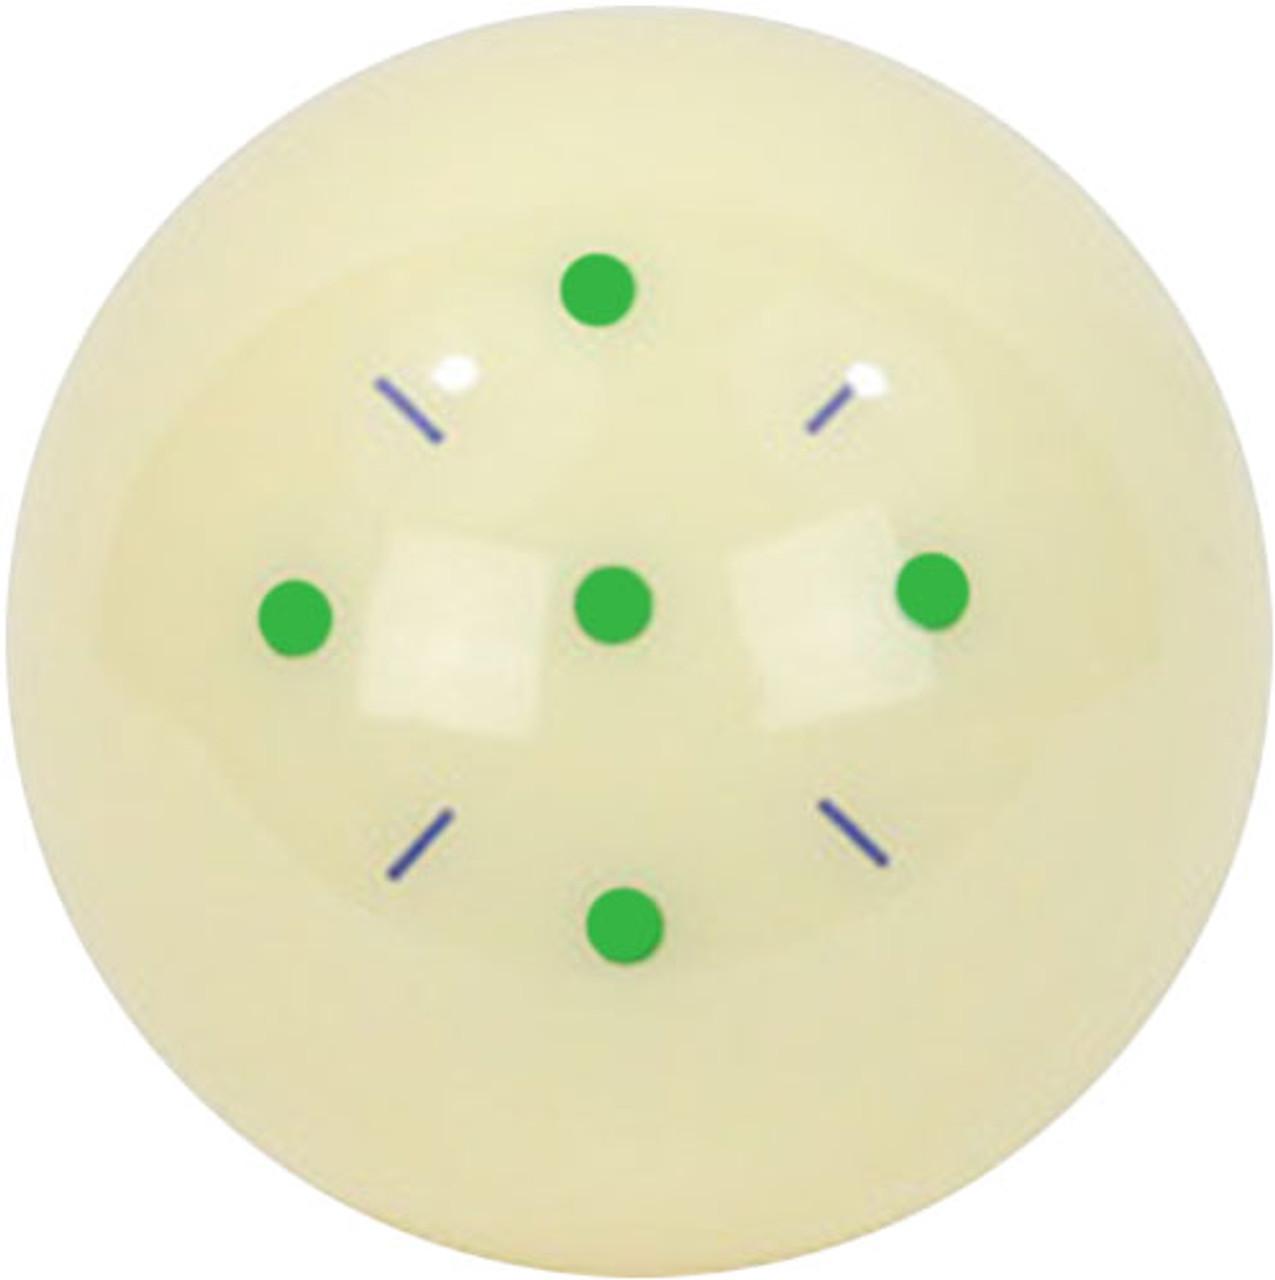 Aramith Q-Tru Training Cue Ball